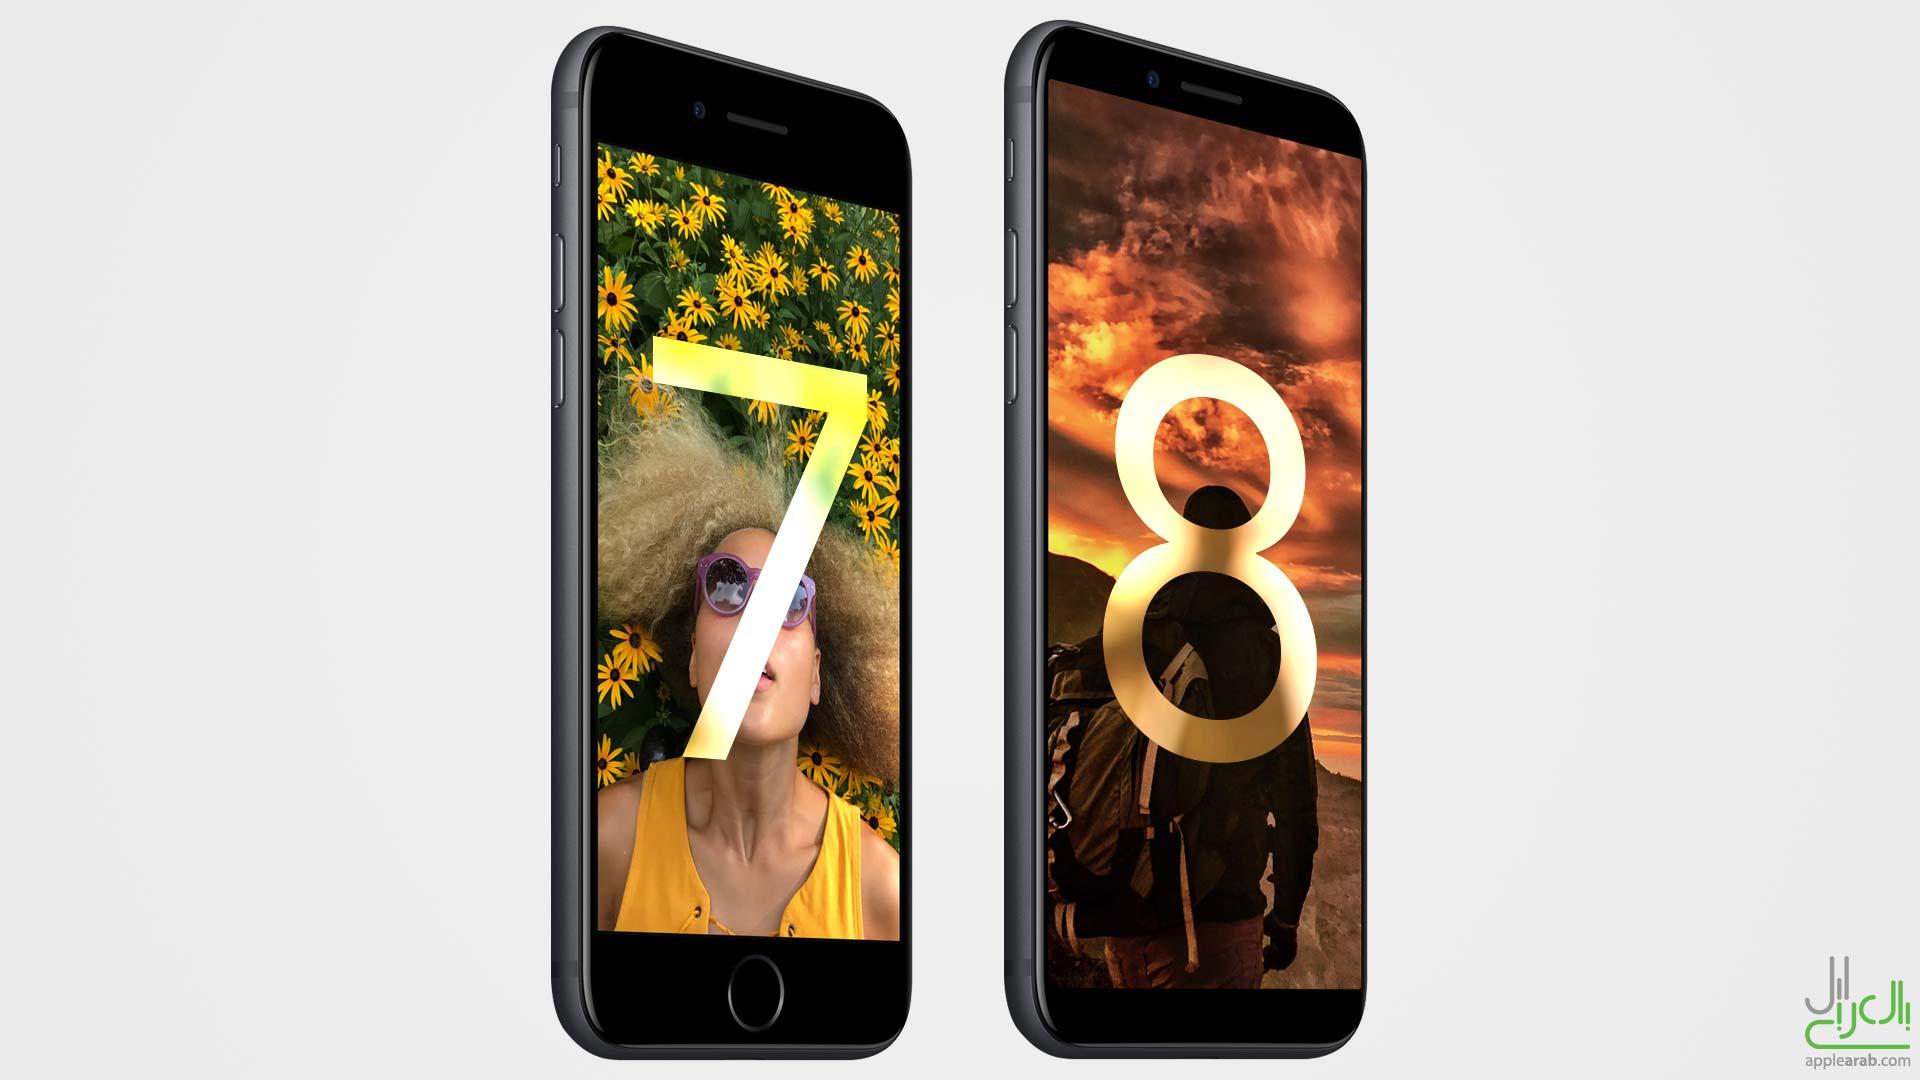 نتيجة بحث الصور عن تسريب.. صور تصميم أيفون 8